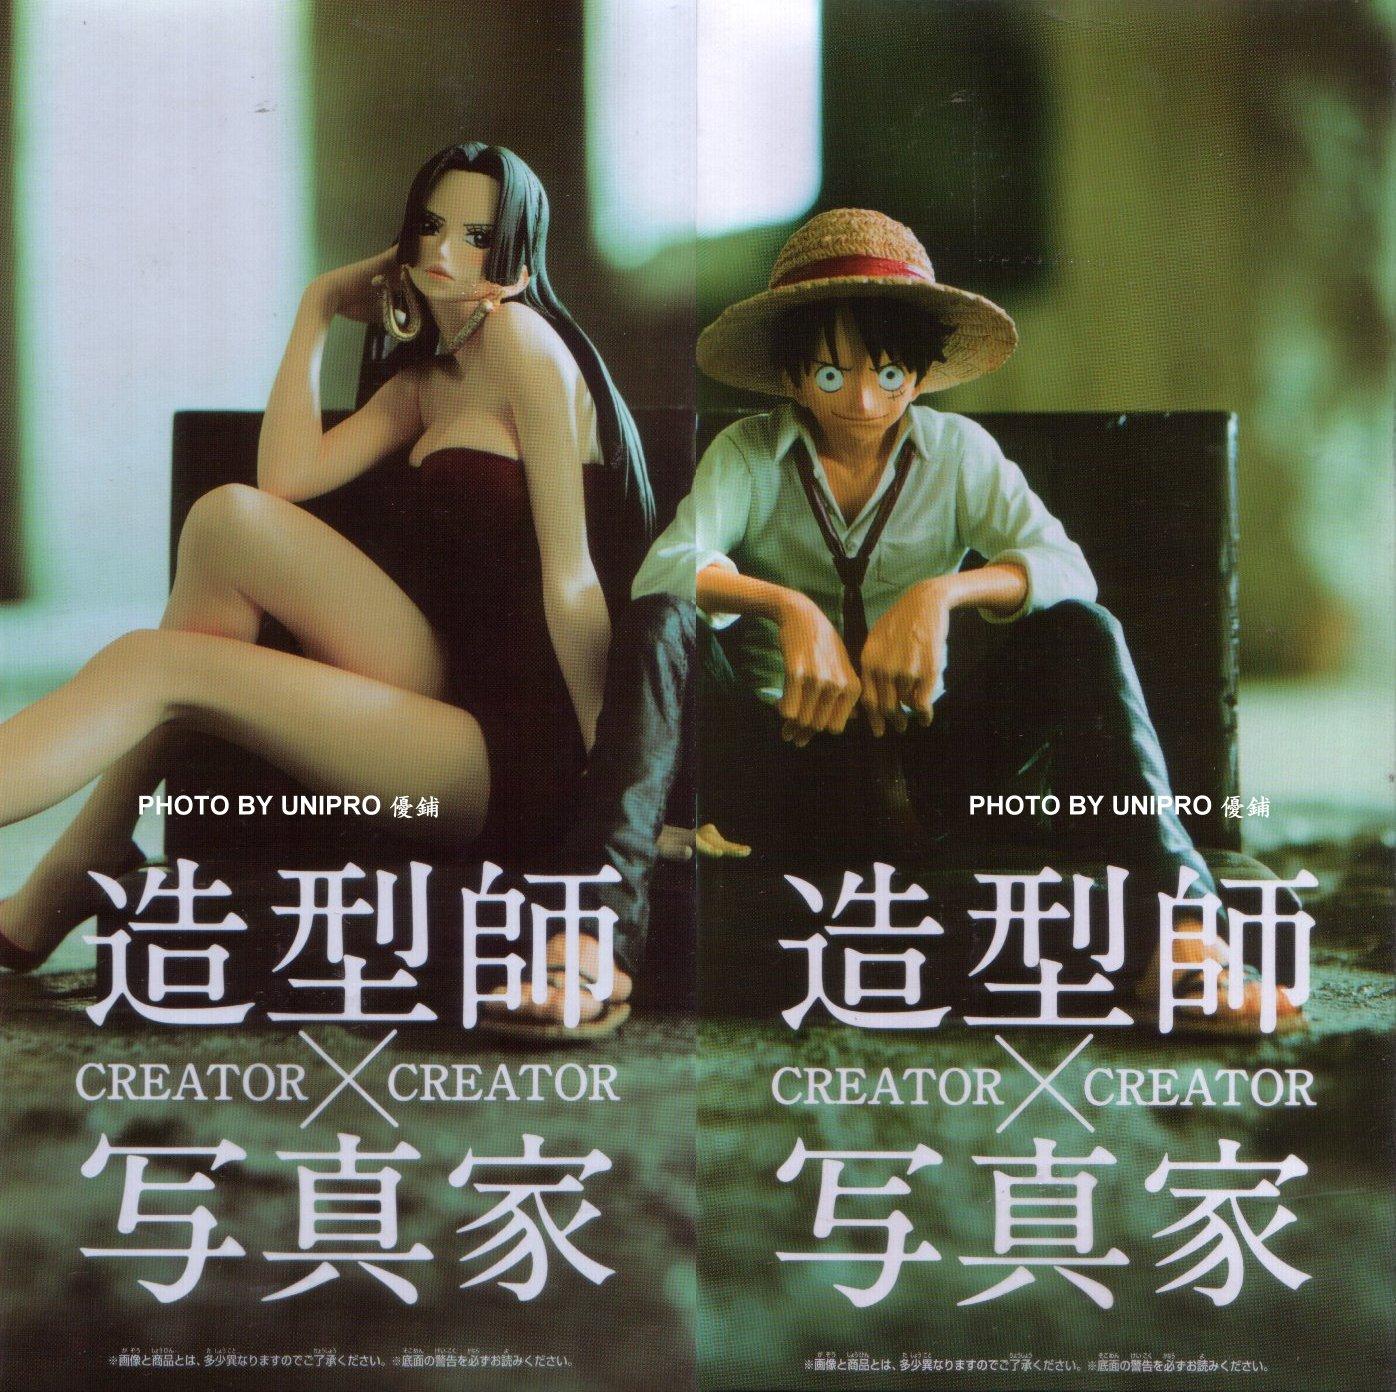 台灣代理版 CREATOR X CREATOR  魯夫 A款 + 女帝 A款 一套兩款 王下七武海 造型師 寫真家 海賊王 航海王 公仔